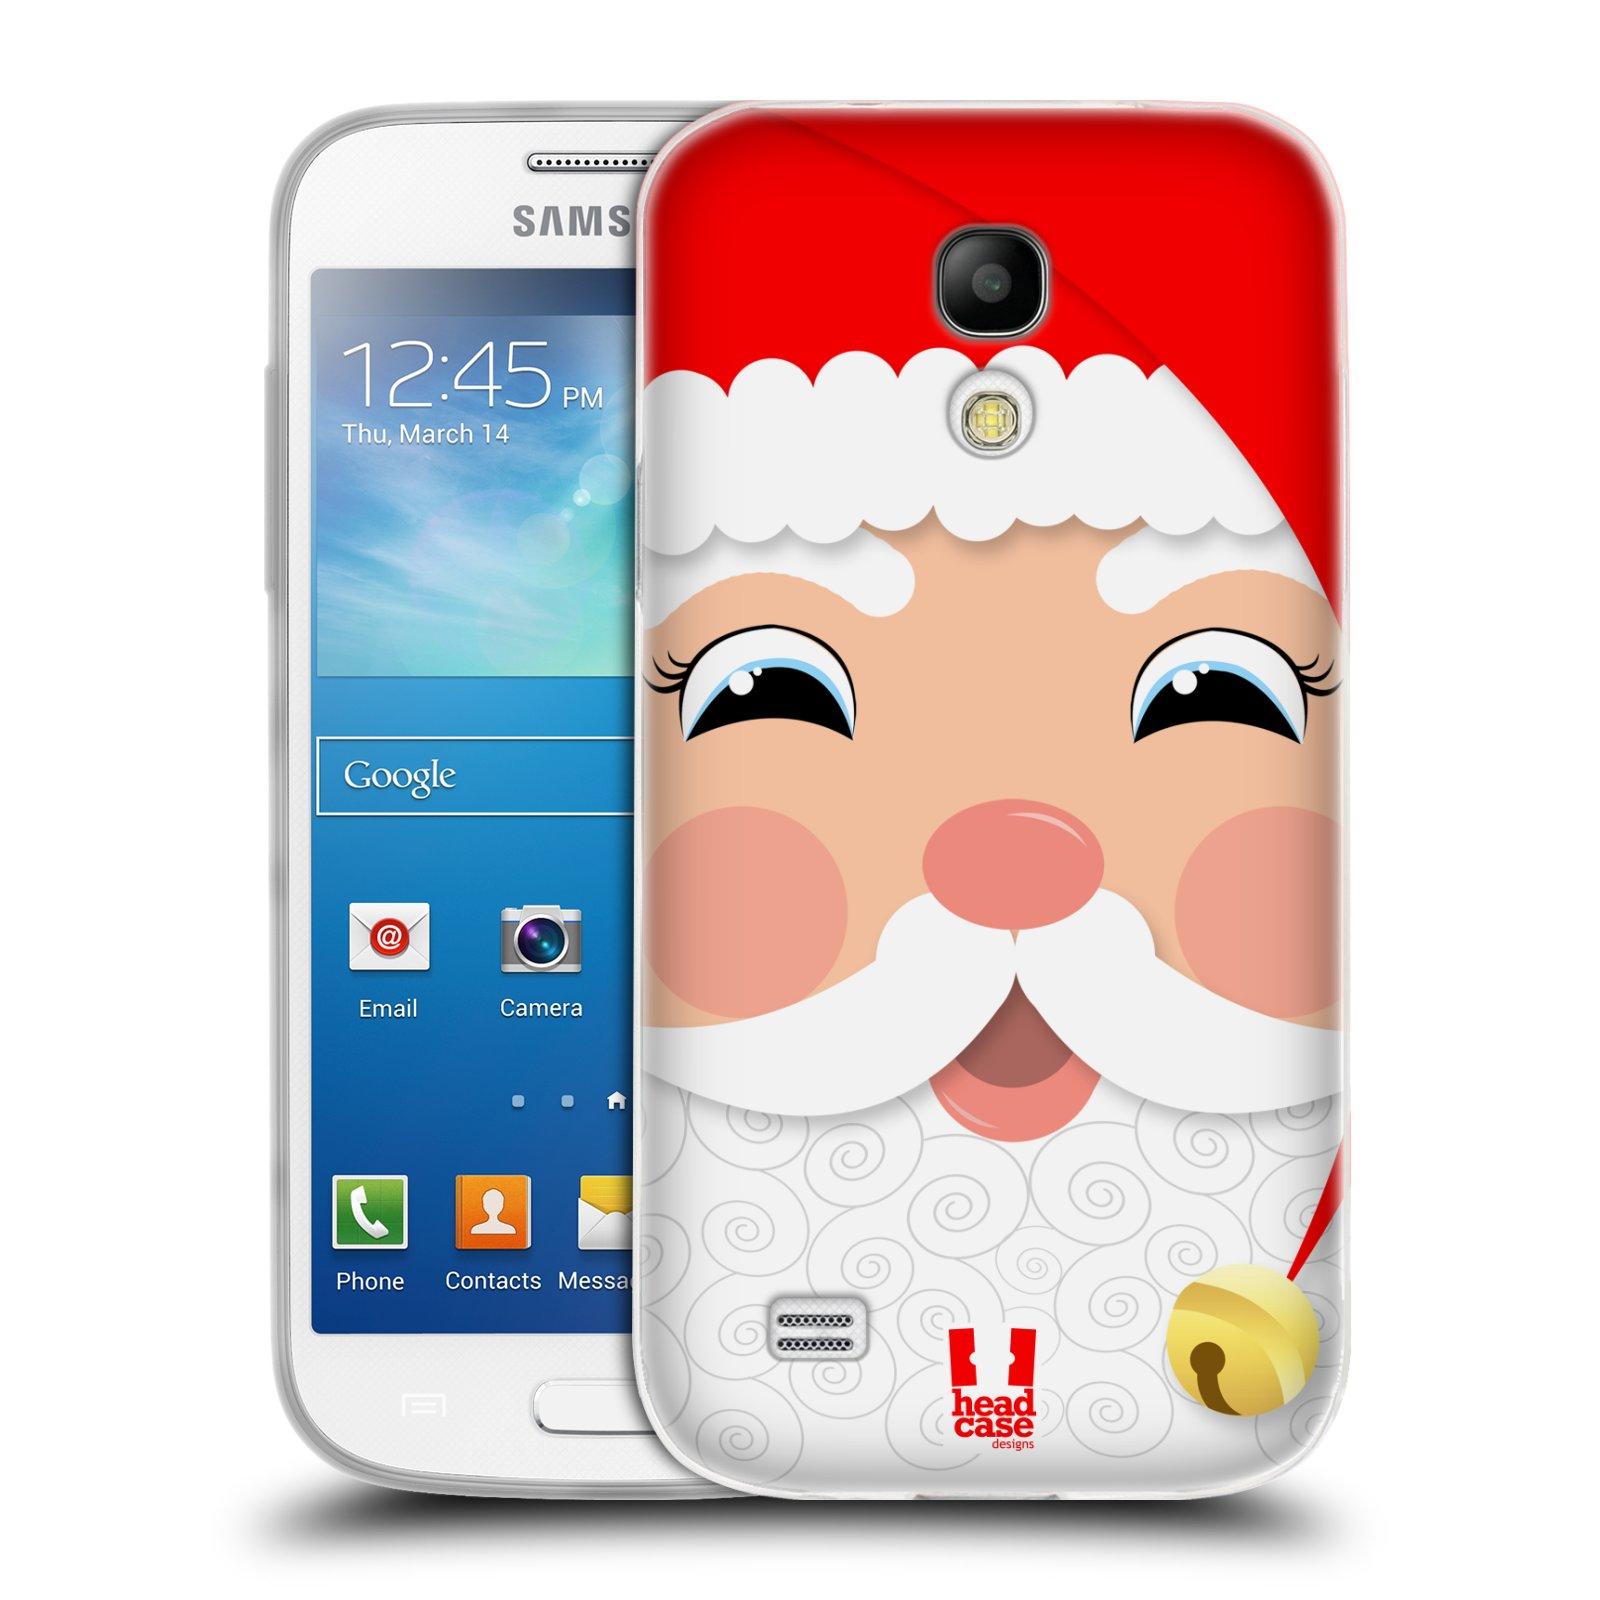 Silikonové pouzdro na mobil Samsung Galaxy S4 Mini HEAD CASE VÁNOCE SANTA (Silikonový kryt či obal na mobilní telefon Samsung Galaxy S4 Mini GT-i9195 / i9190 (nepasuje na verzi Black Edition))